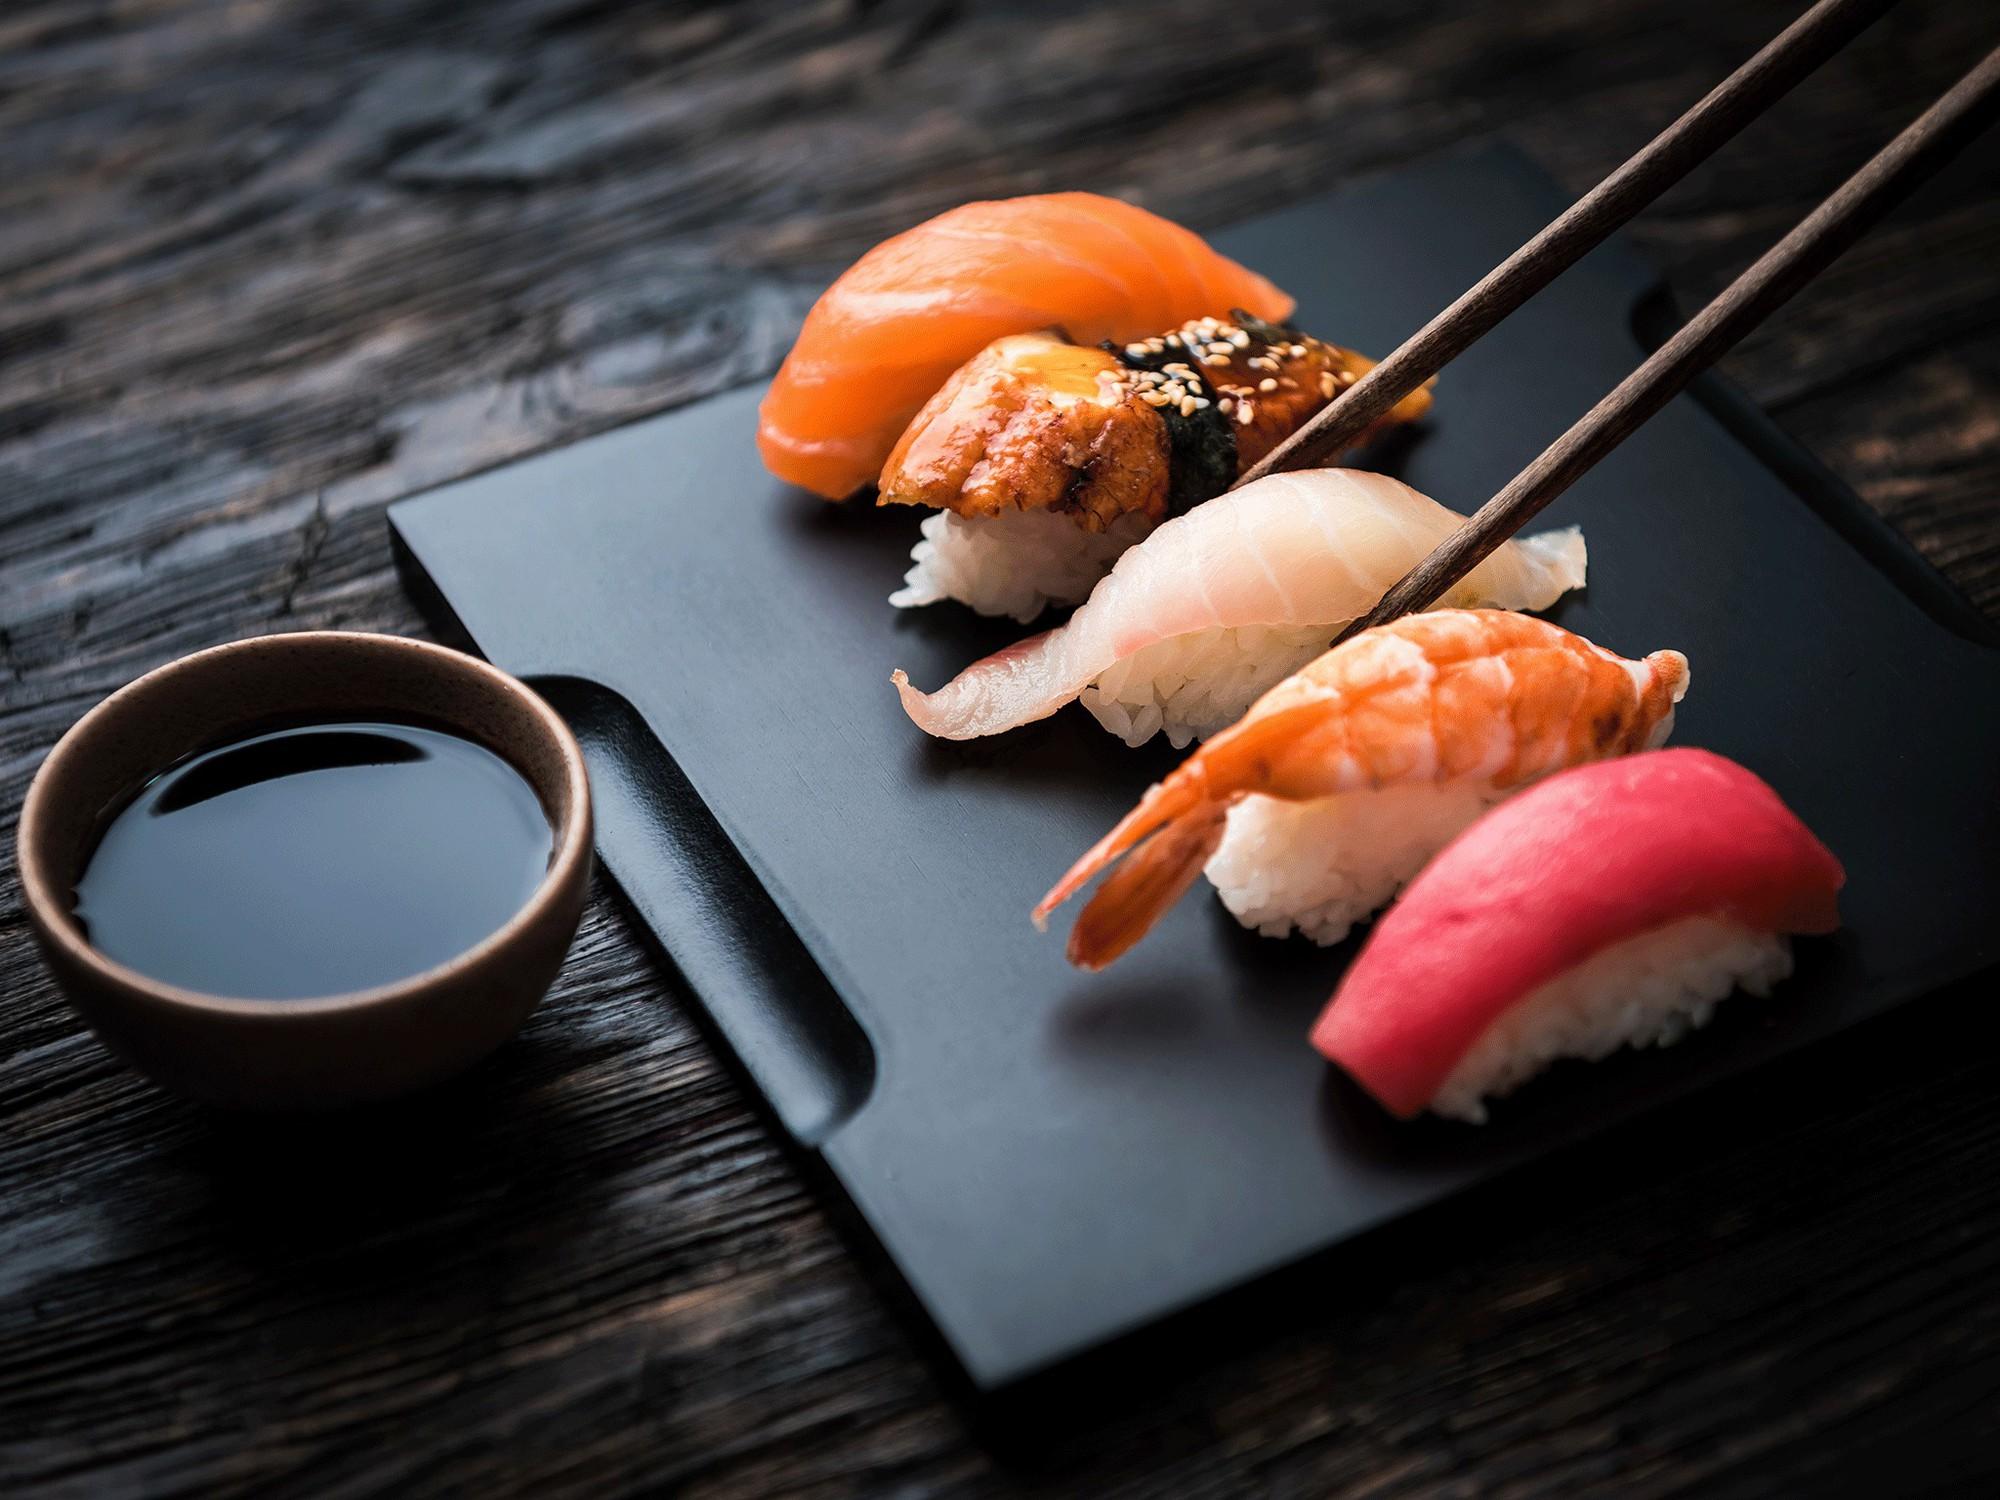 Đầu bếp người Nhật nổi tiếng tiết lộ cách ăn sushi hoàn hảo nhất - Ảnh 2.